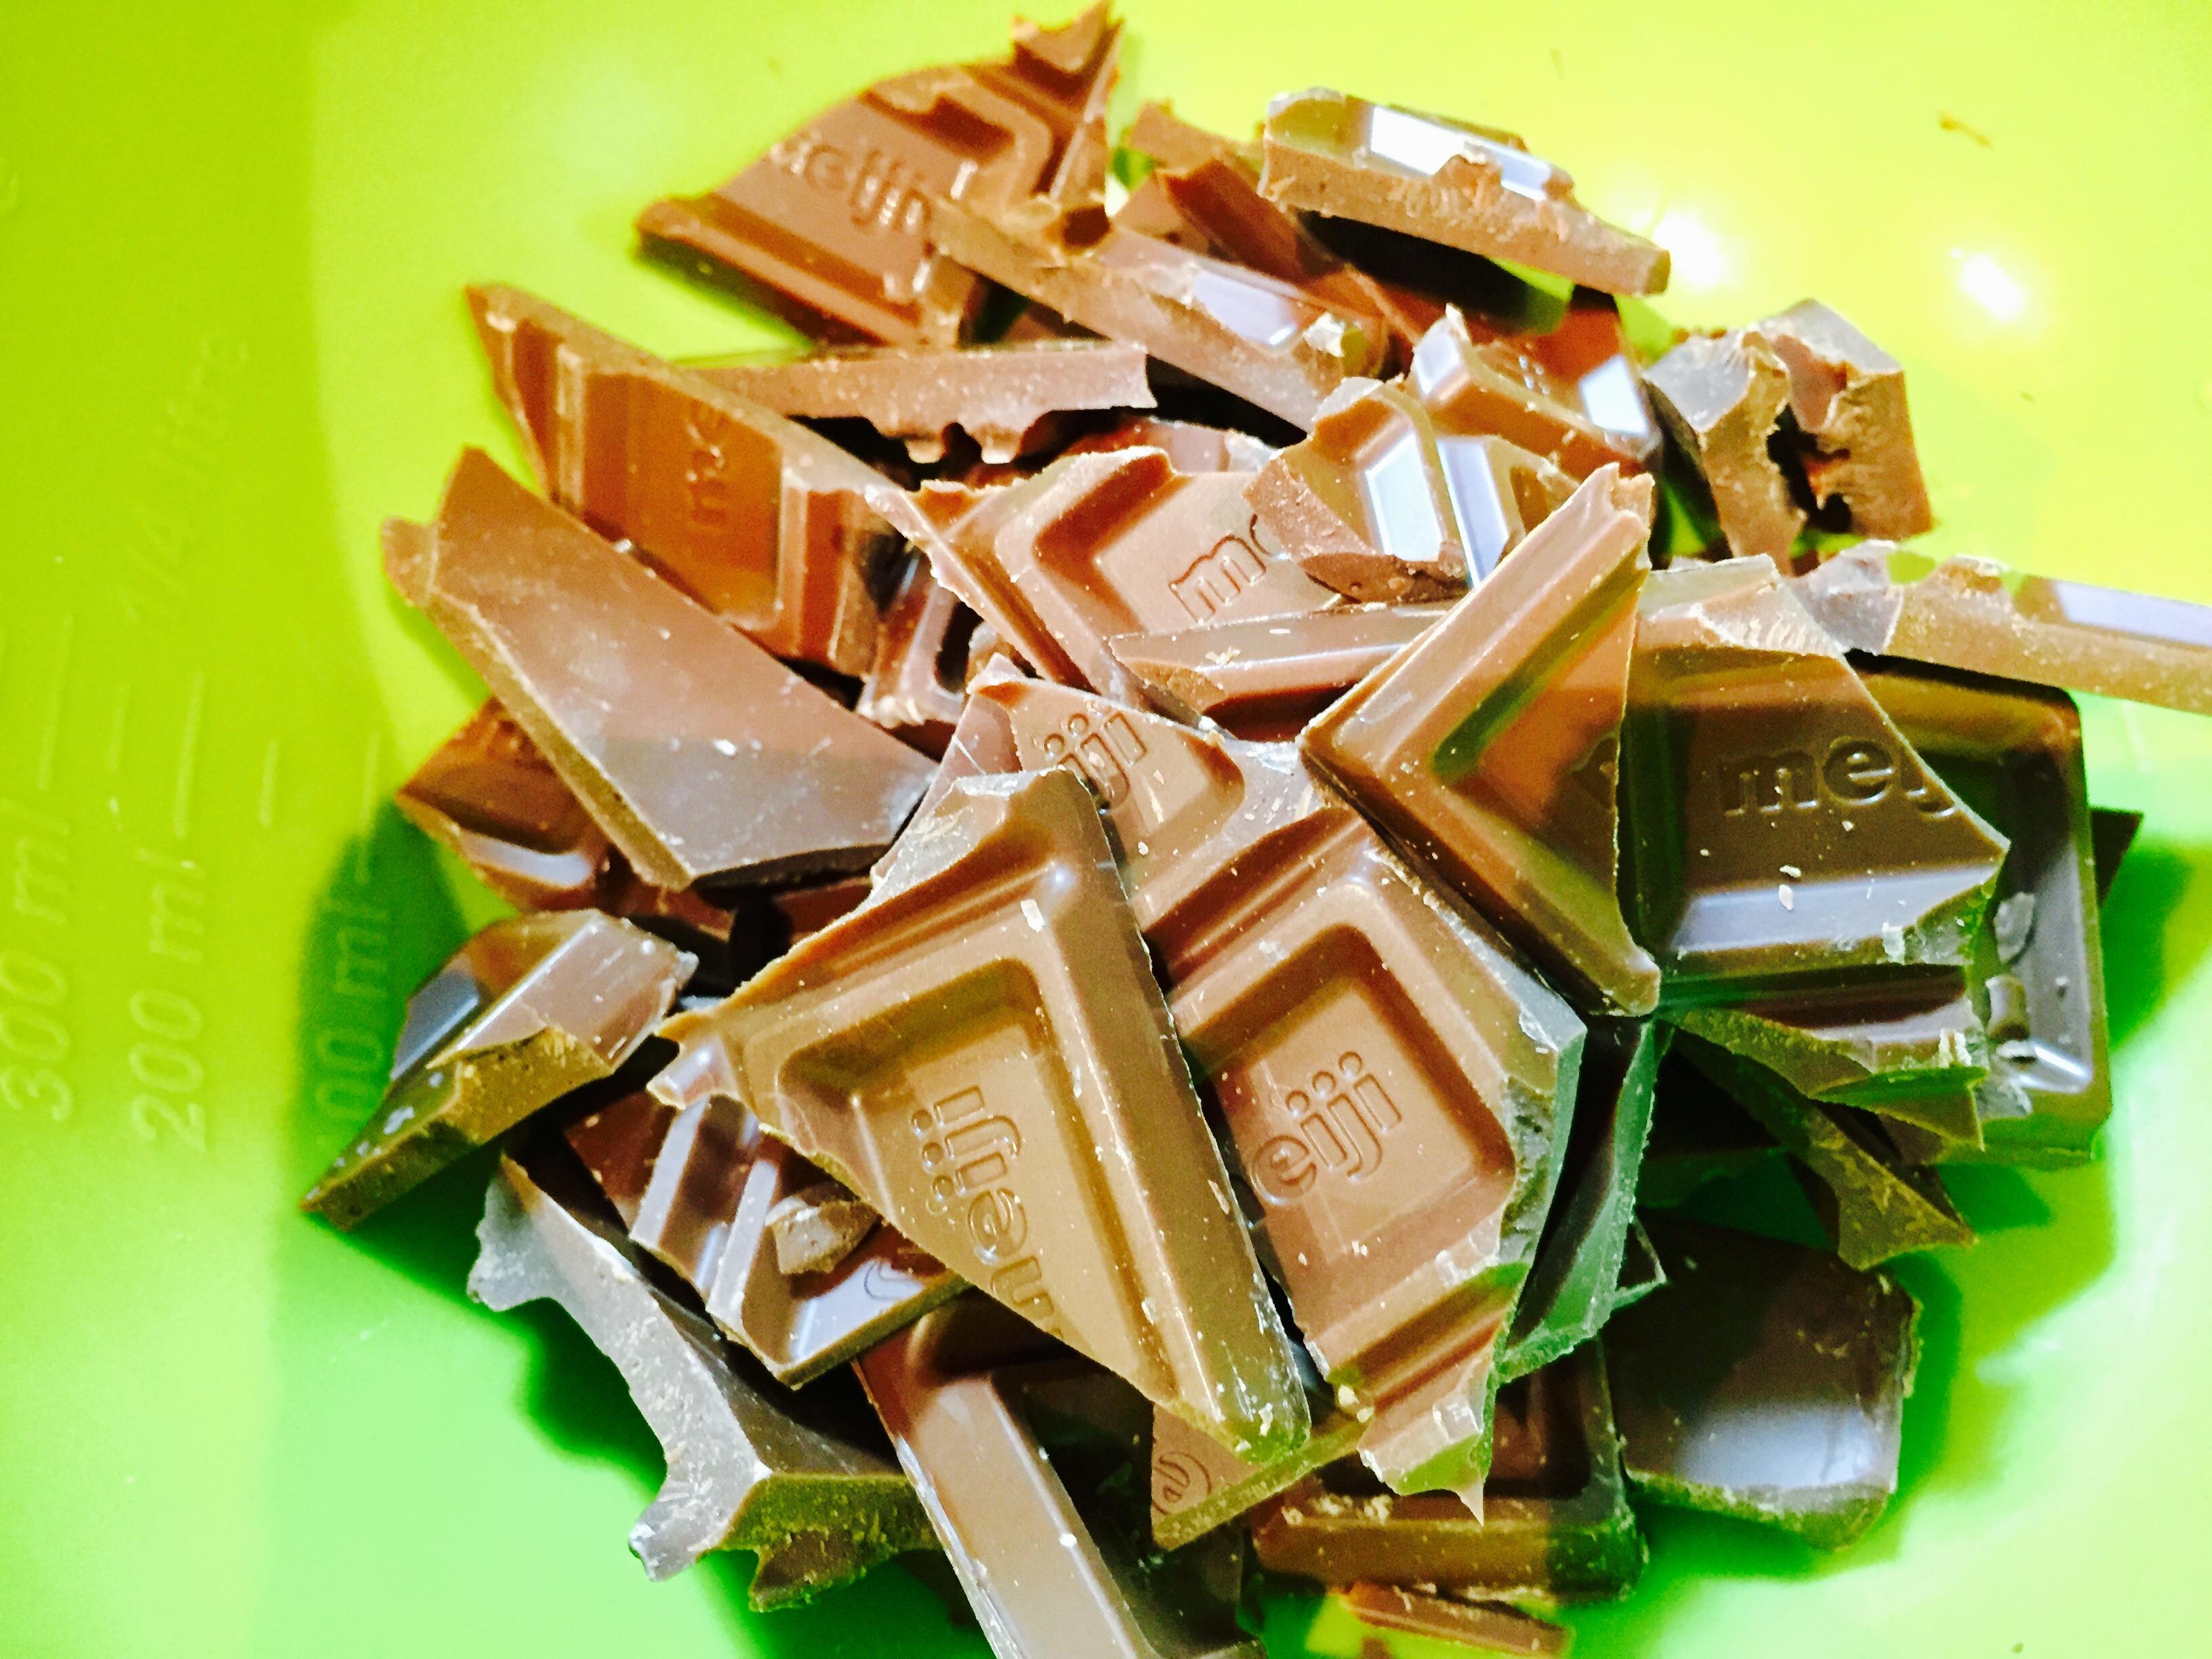 チョコレートを細かくする